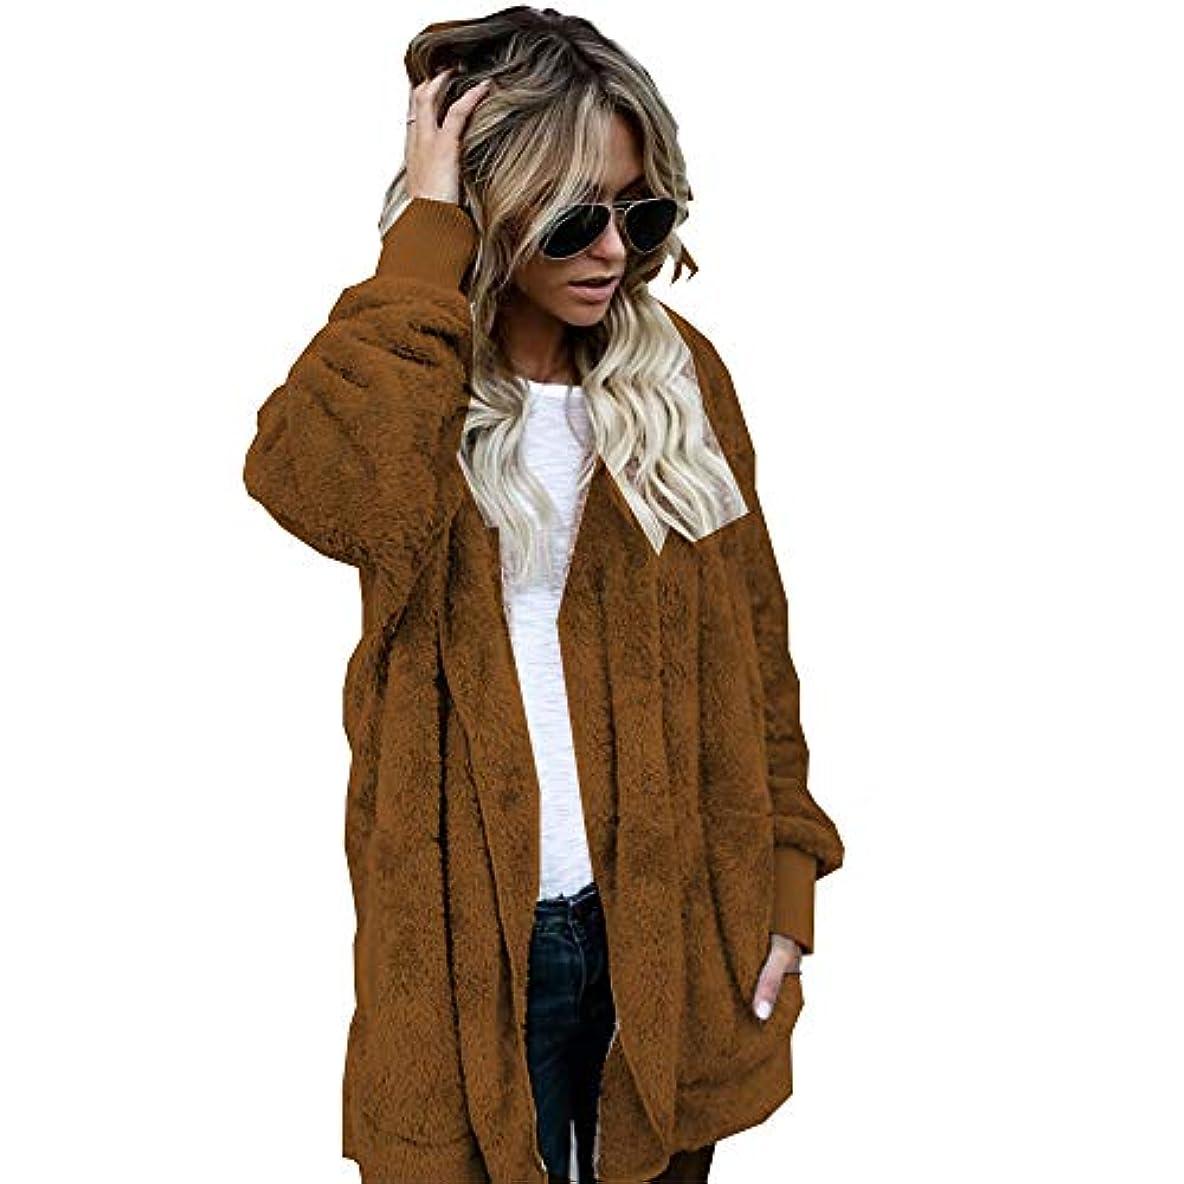 冬メッセンジャーヒントMIFAN 長袖パーカー、冬のコート、女性のコート、女性の緩い厚く暖かいフェイクファーフード付きカーディガン